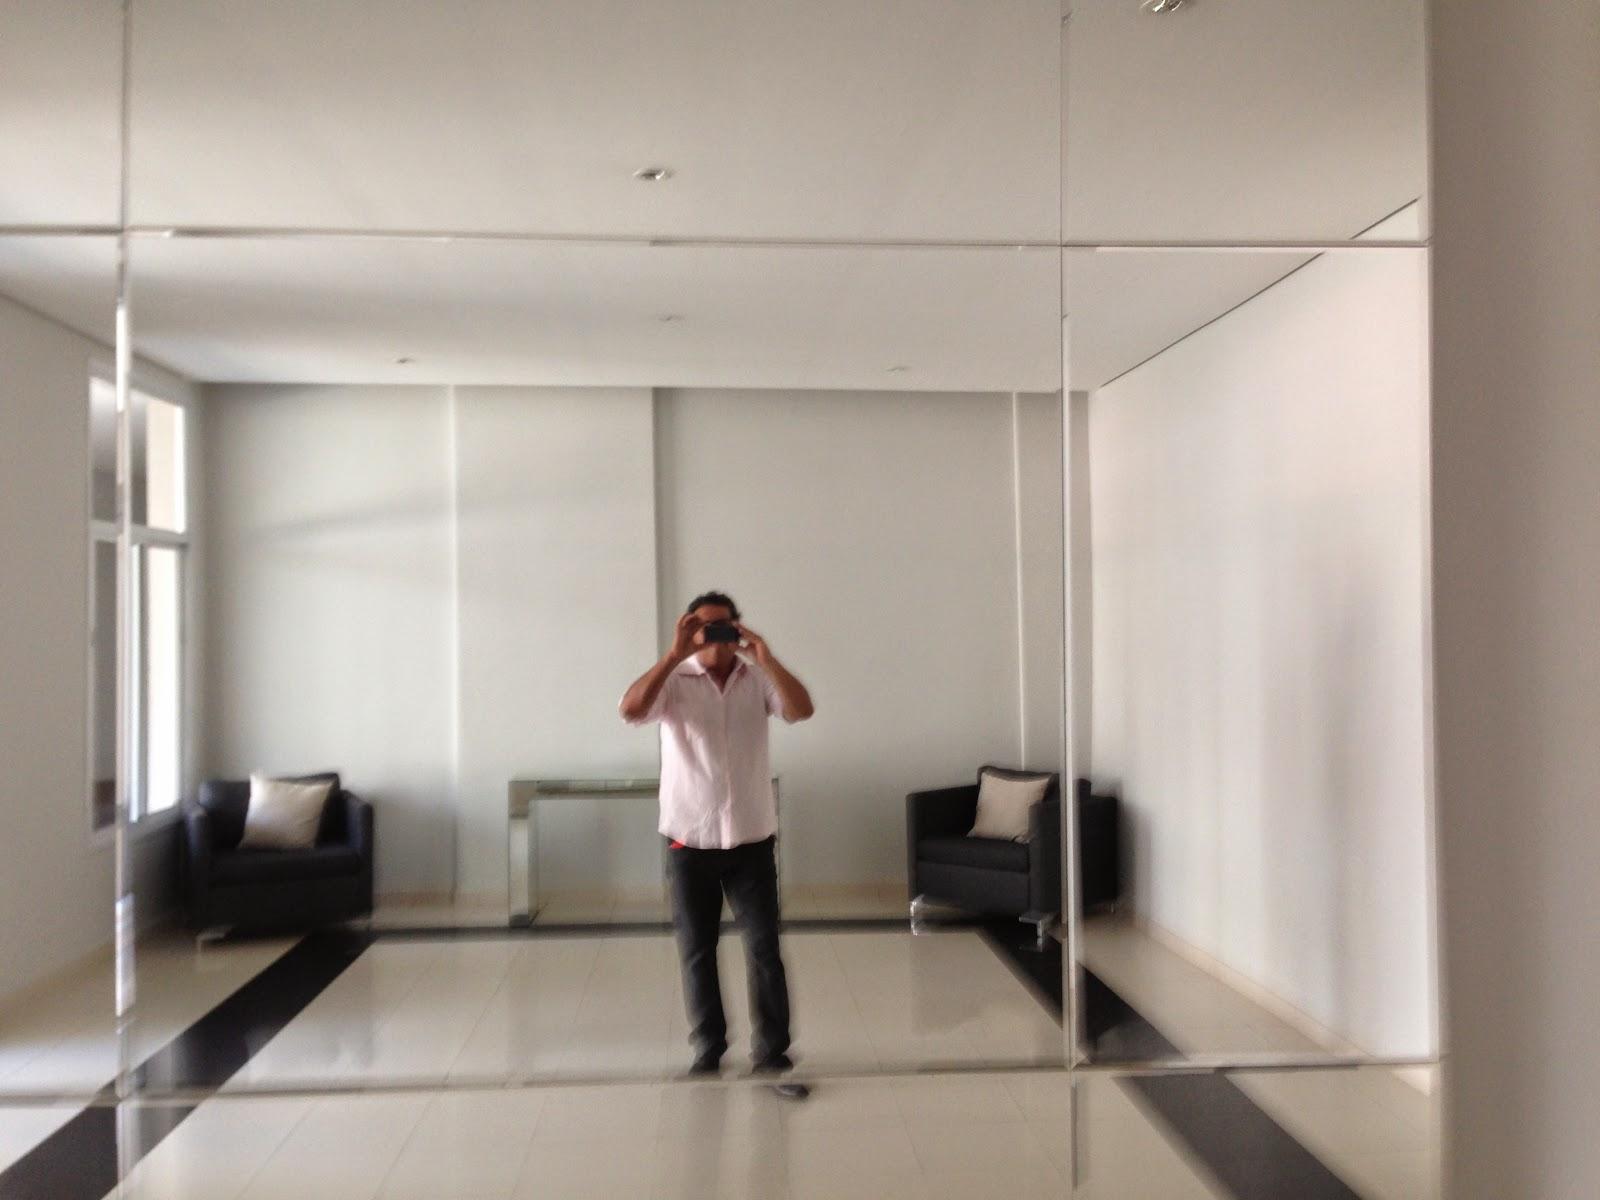 Espelho Para Salo Aparador E Espelho Na Sala With Espelho Para Salo